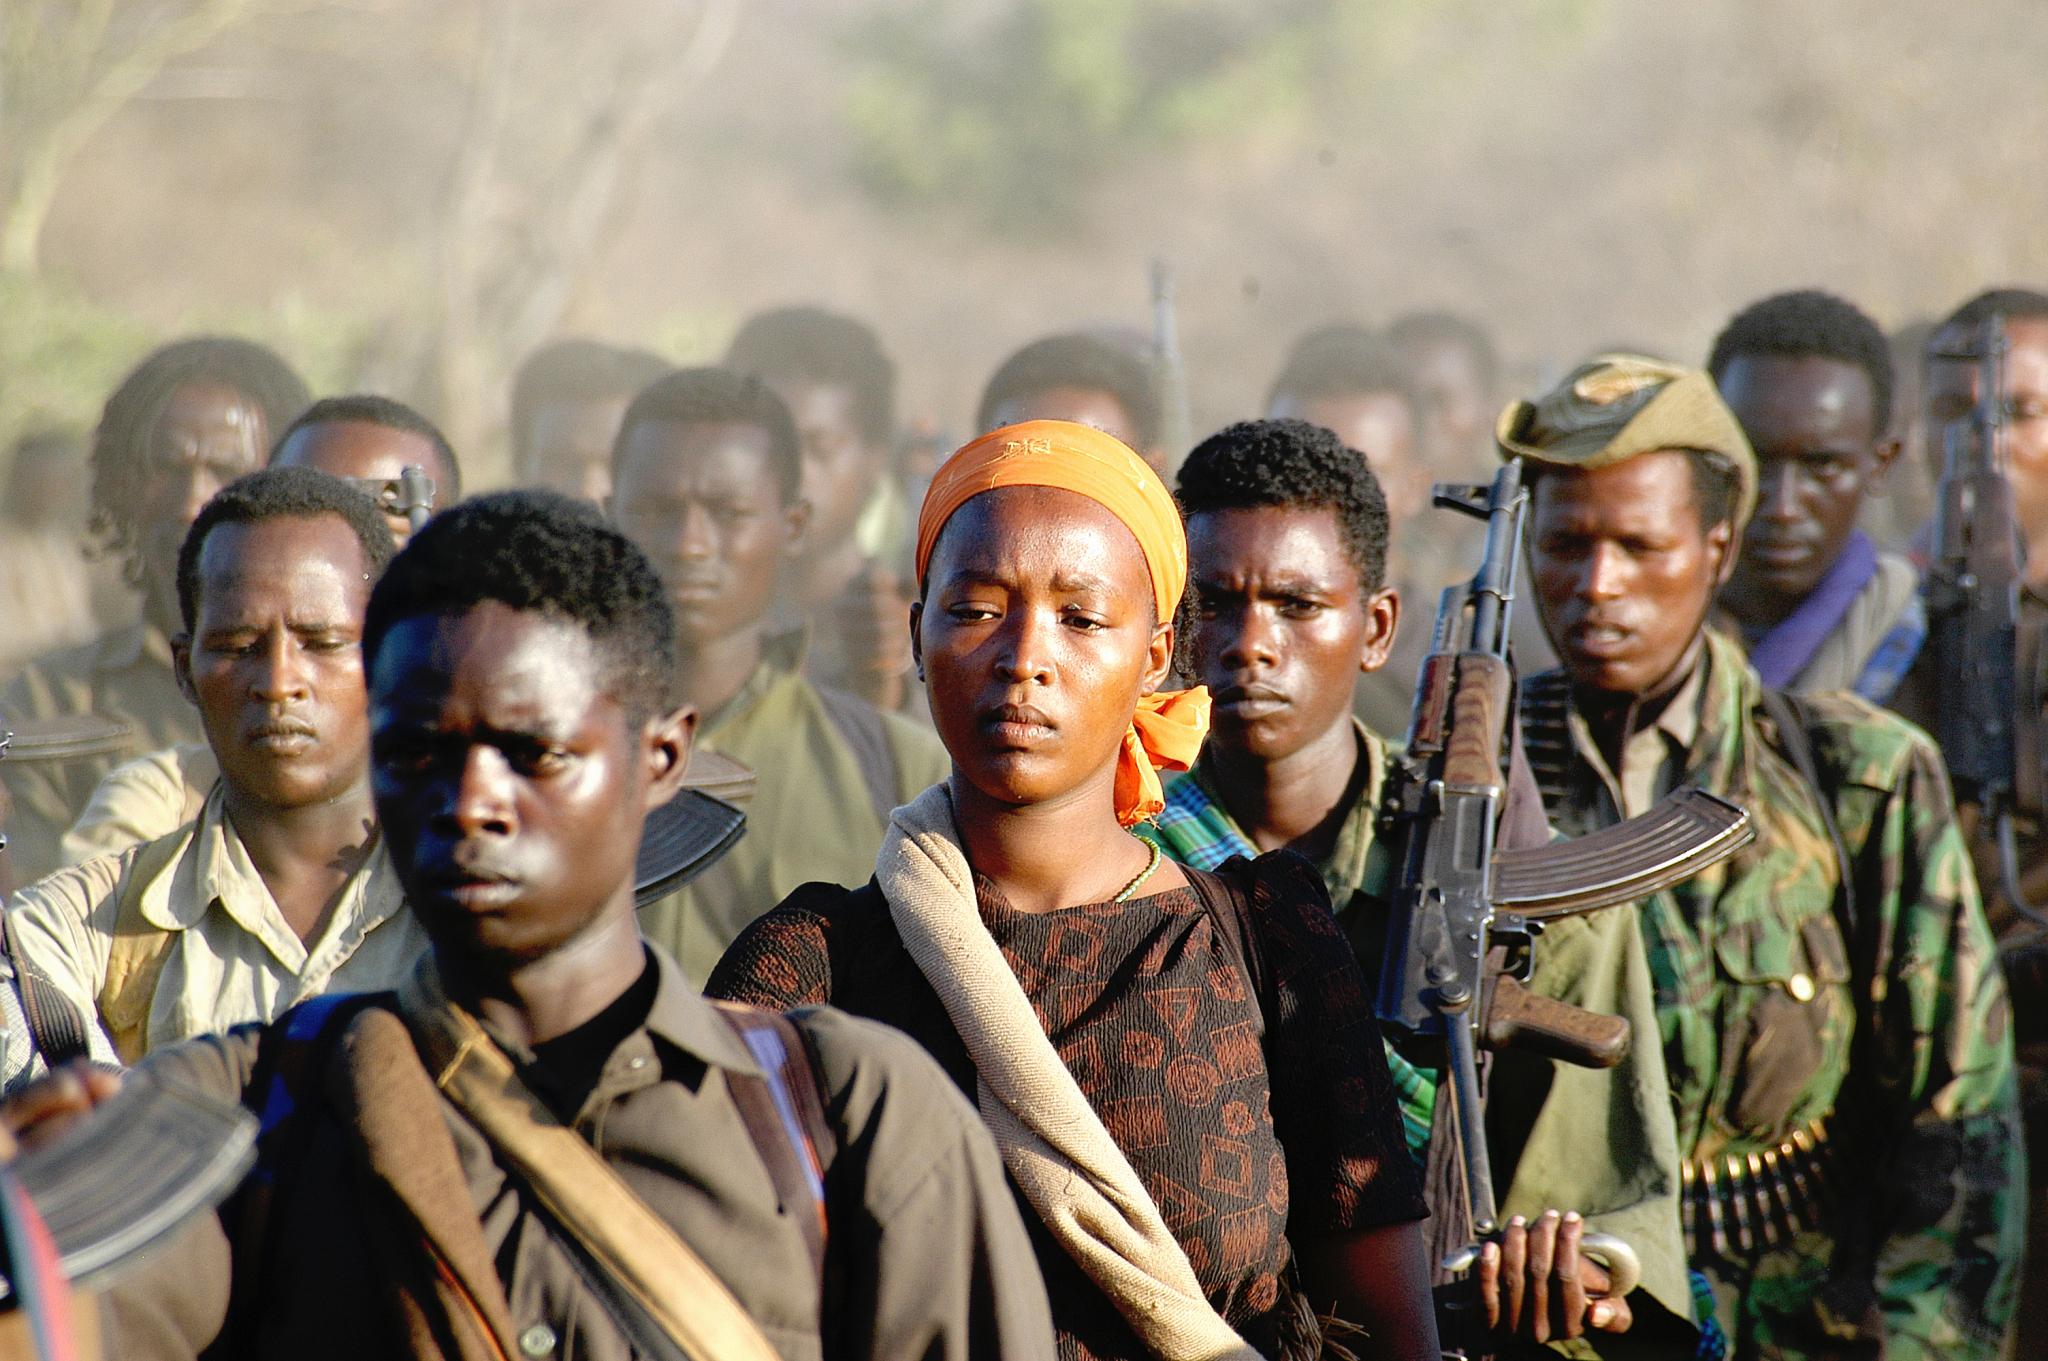 El pueblo Oromo y Etiopía: un conflicto sin resolver